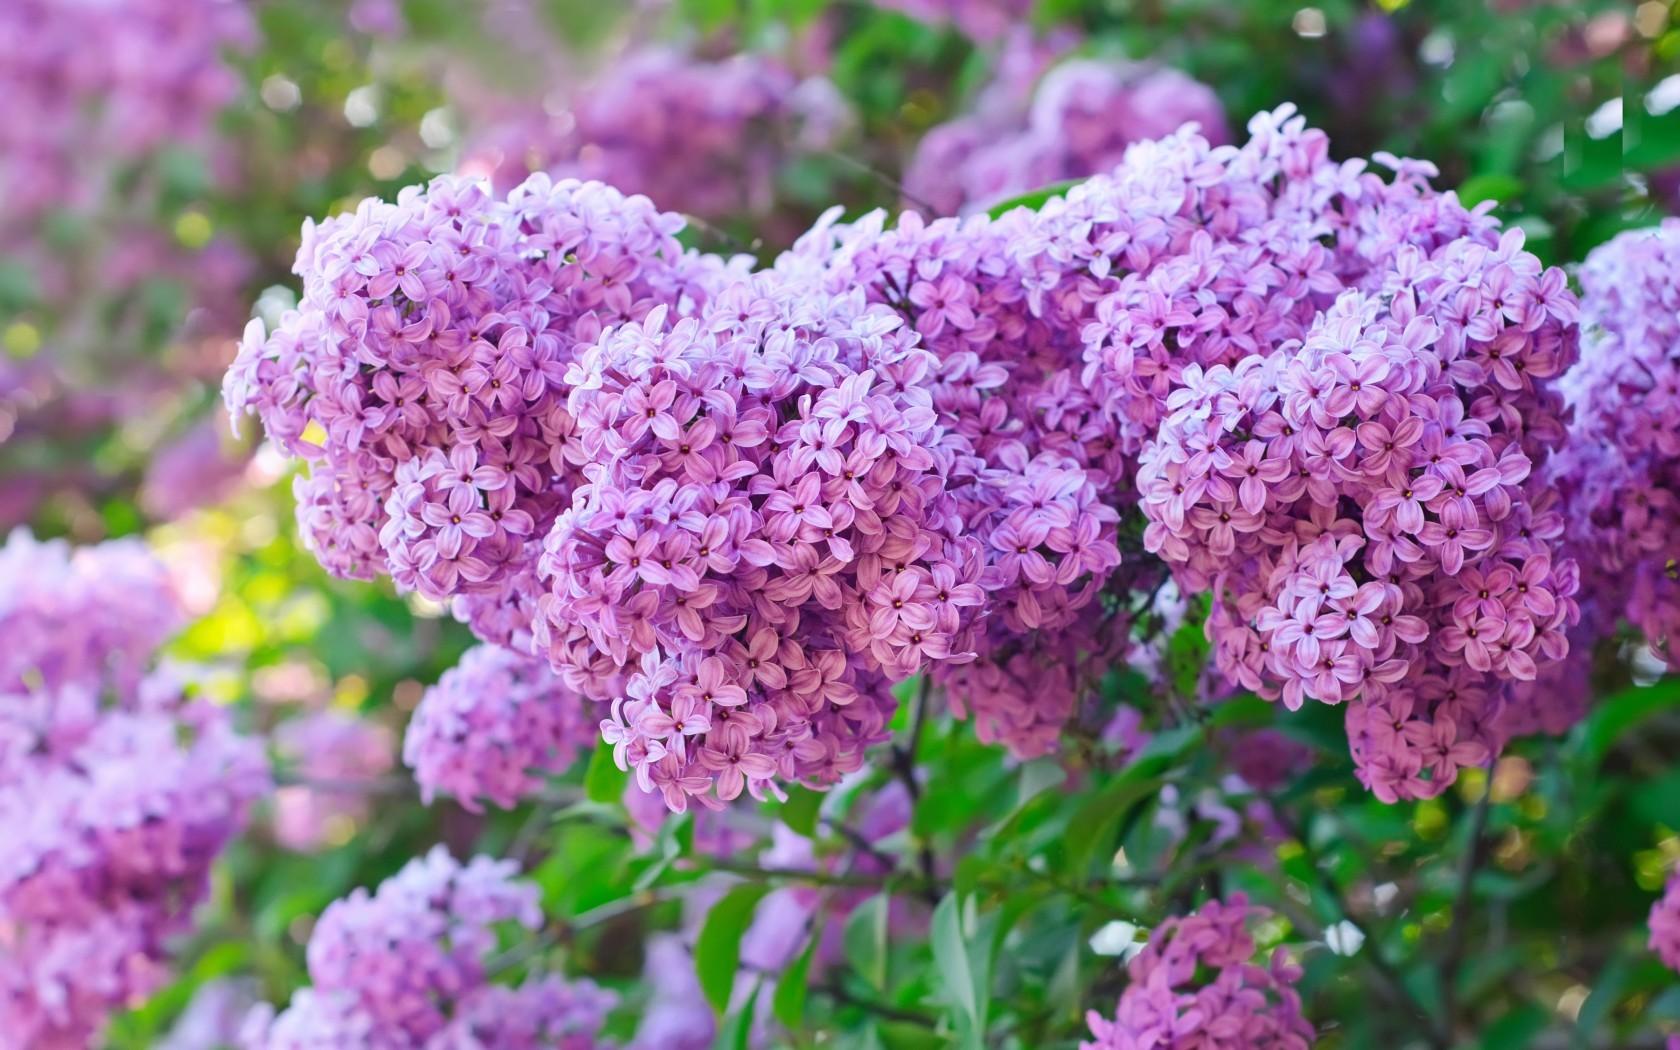 18123 скачать обои Растения, Цветы, Сирень - заставки и картинки бесплатно